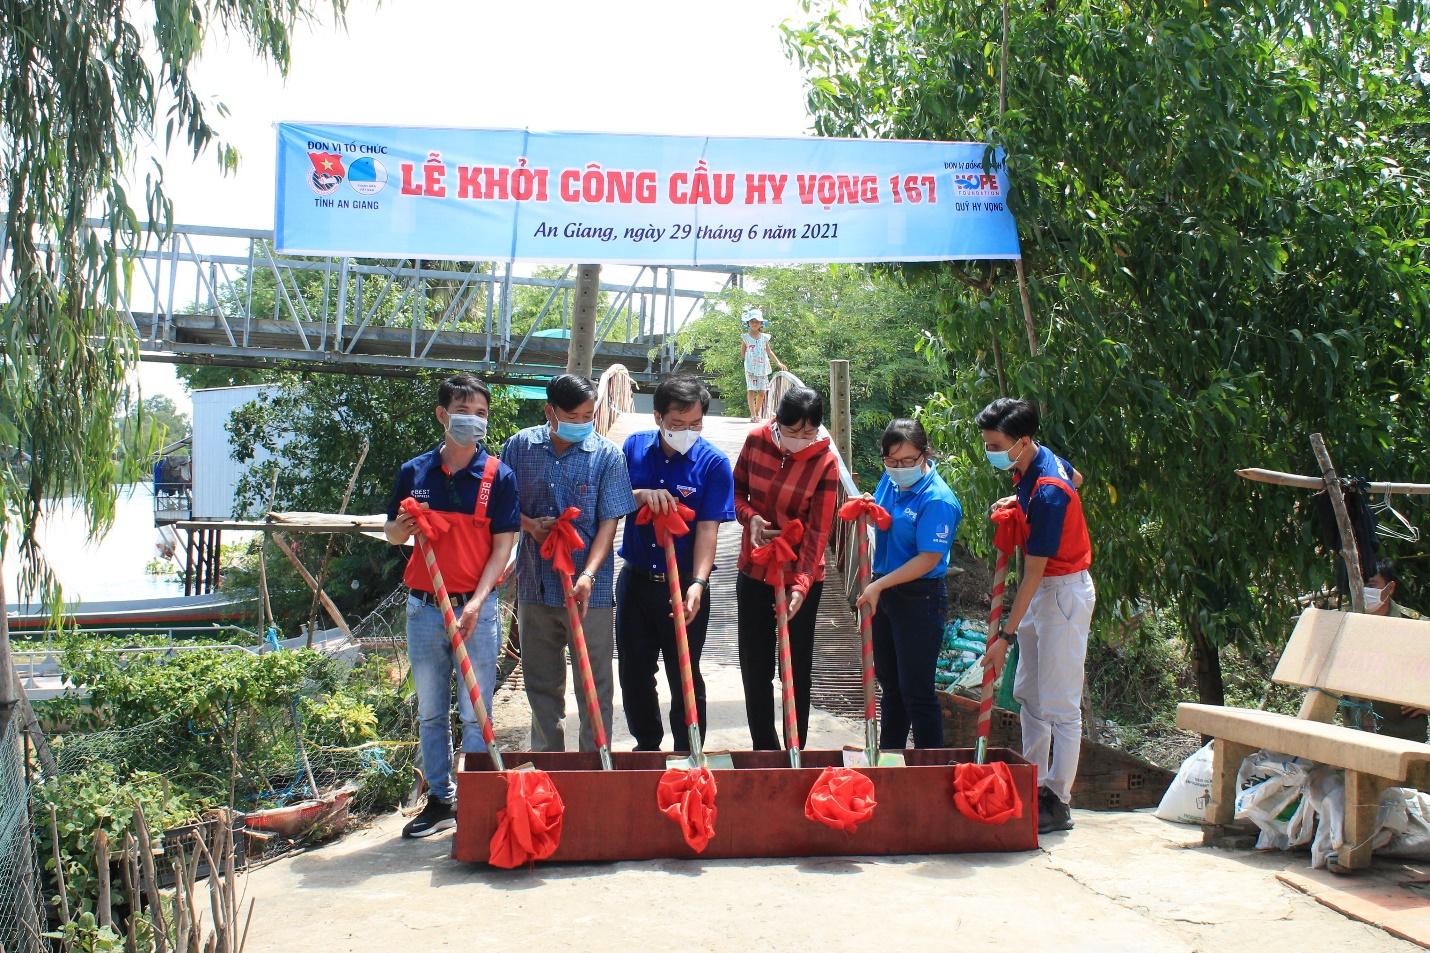 Đại diện BEST cùng Quỹ Hy vọng khởi công xây dựng bốn cây cầu bê tông cải thiện hạ tầng giao thông tại tỉnh An Giang tháng 7.